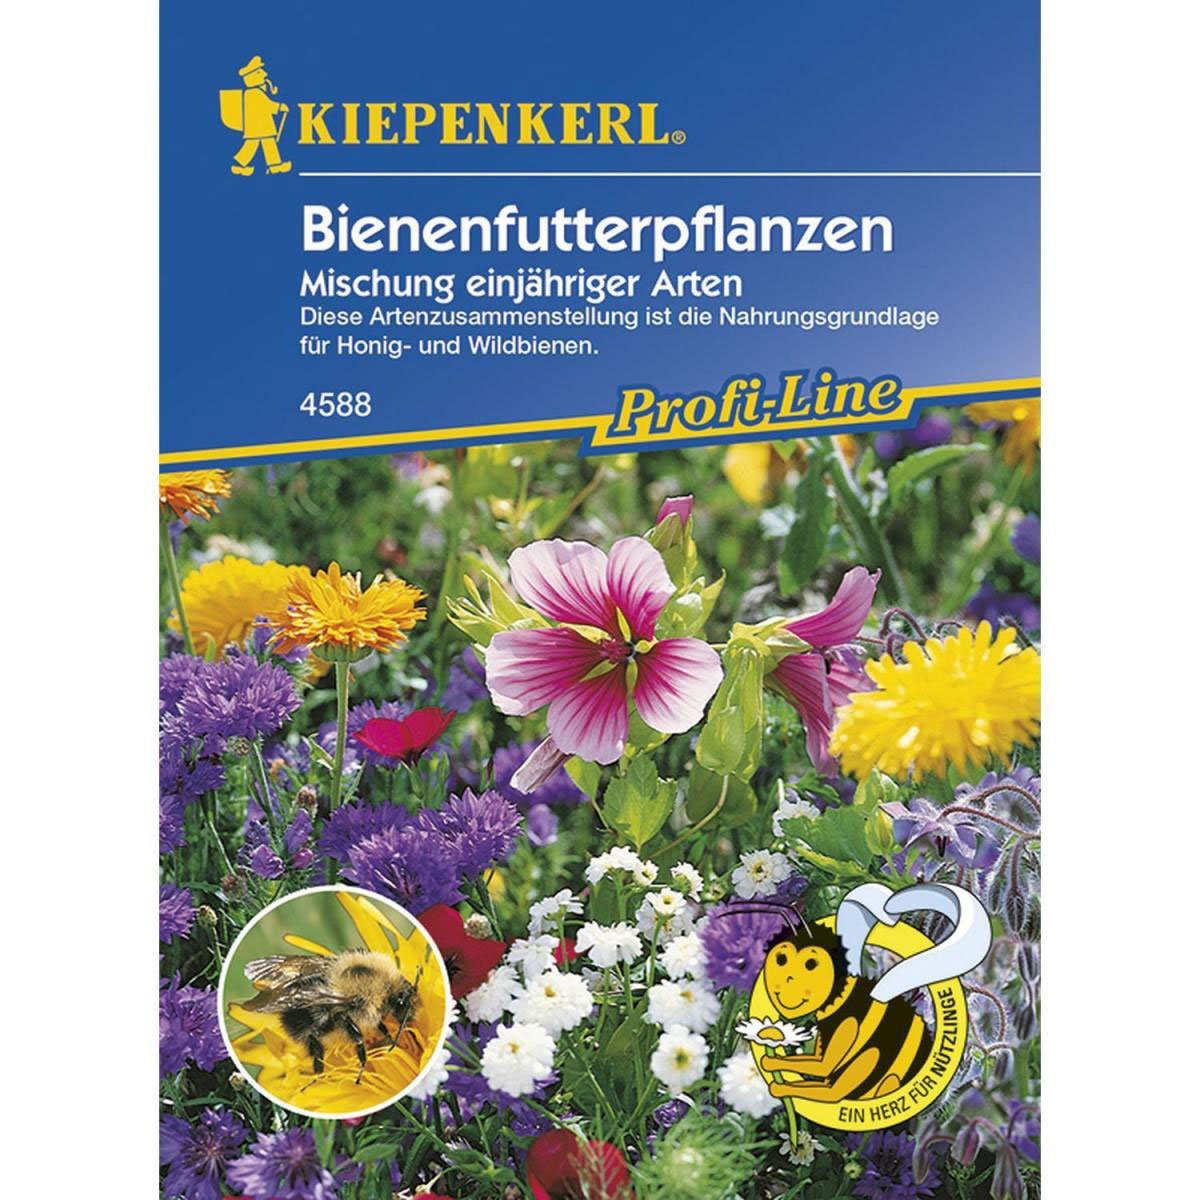 """Kiepenkerl Bienenfutterpflanzen Mischung, einjährig """"Profi-Line"""""""